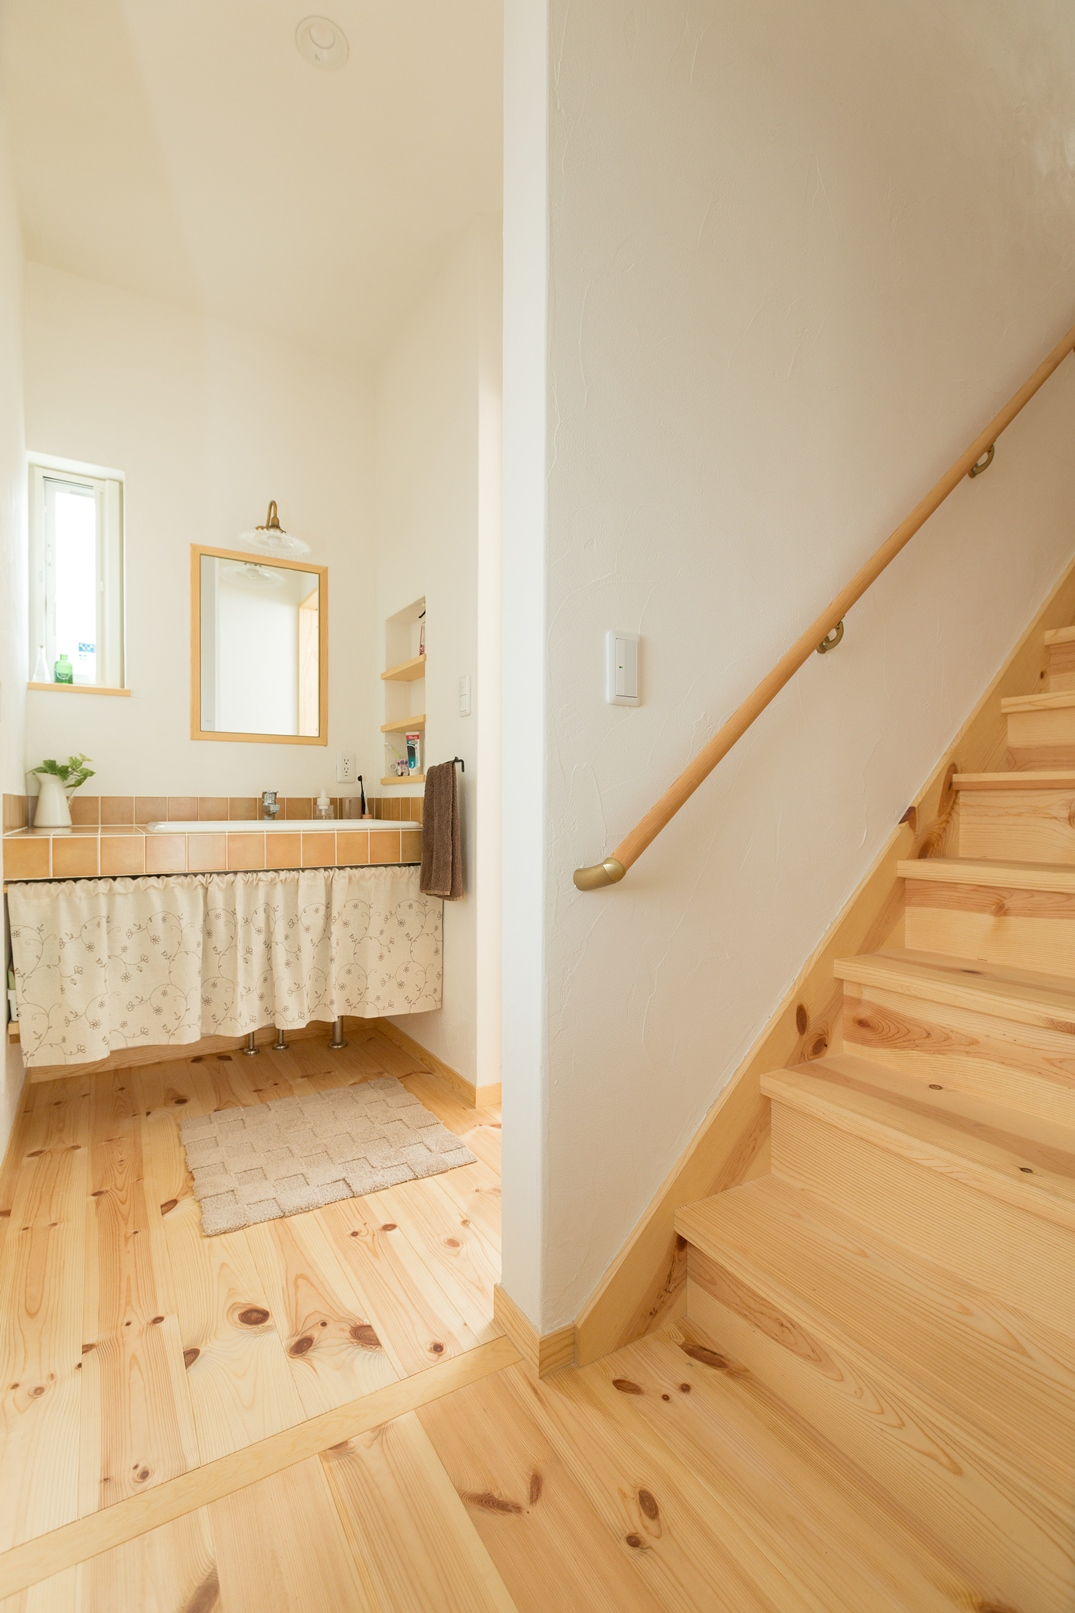 バルコニーまで最短距離で繋がる家事ラク階段